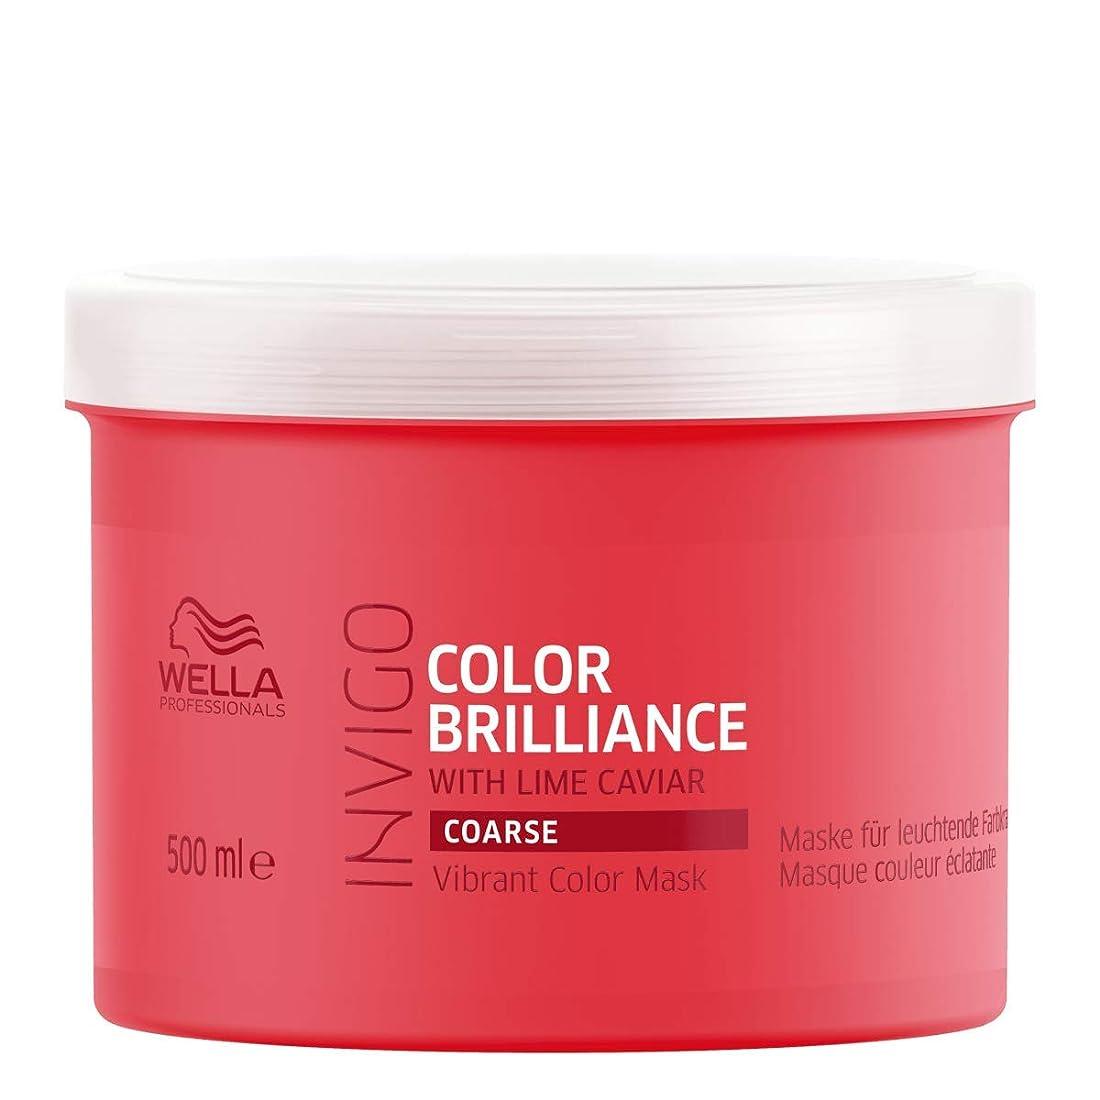 香り捧げるオートウェラ(Wella) インヴィゴ カラー ブリリアンス コース ビブラント カラー マスク 500ml[海外直送品] [並行輸入品]